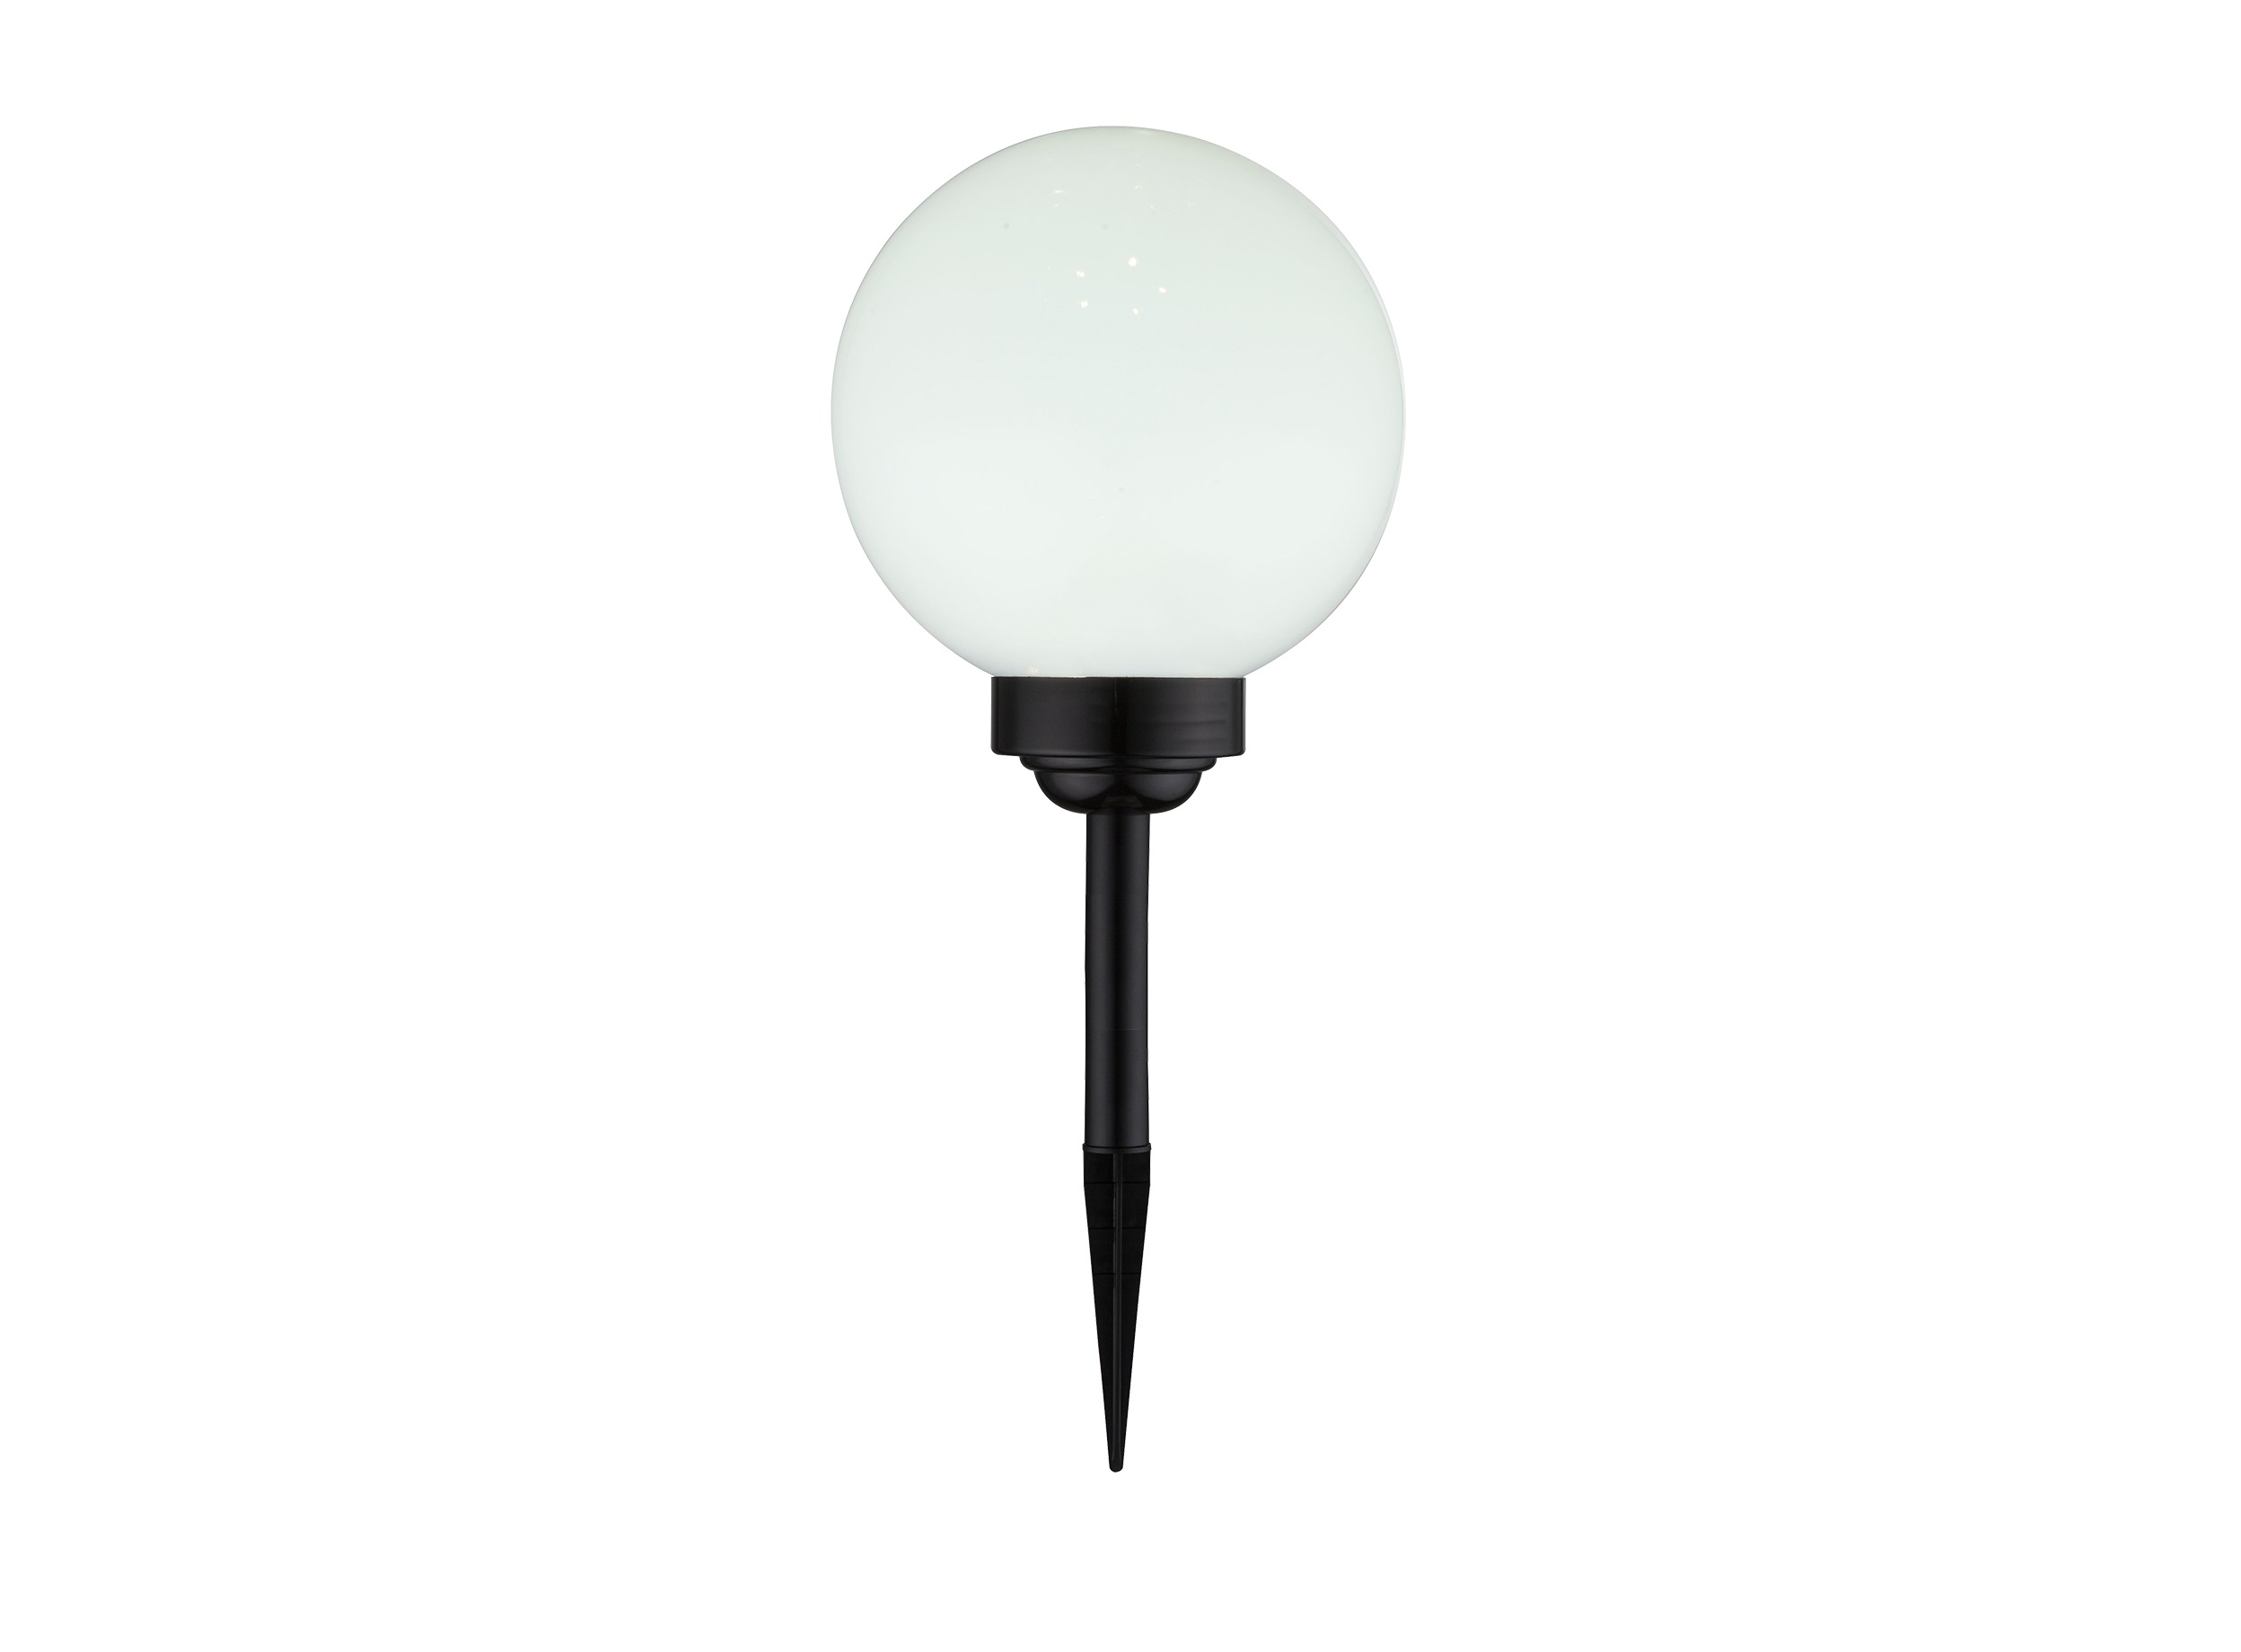 Светильник уличныйУличные наземные светильники<br>&amp;lt;div&amp;gt;Тип цоколя: LED&amp;lt;/div&amp;gt;&amp;lt;div&amp;gt;Кол-во ламп: 5 (в комплекте)&amp;lt;/div&amp;gt;<br><br>Material: Пластик<br>Length см: None<br>Width см: None<br>Depth см: None<br>Height см: 45<br>Diameter см: 20